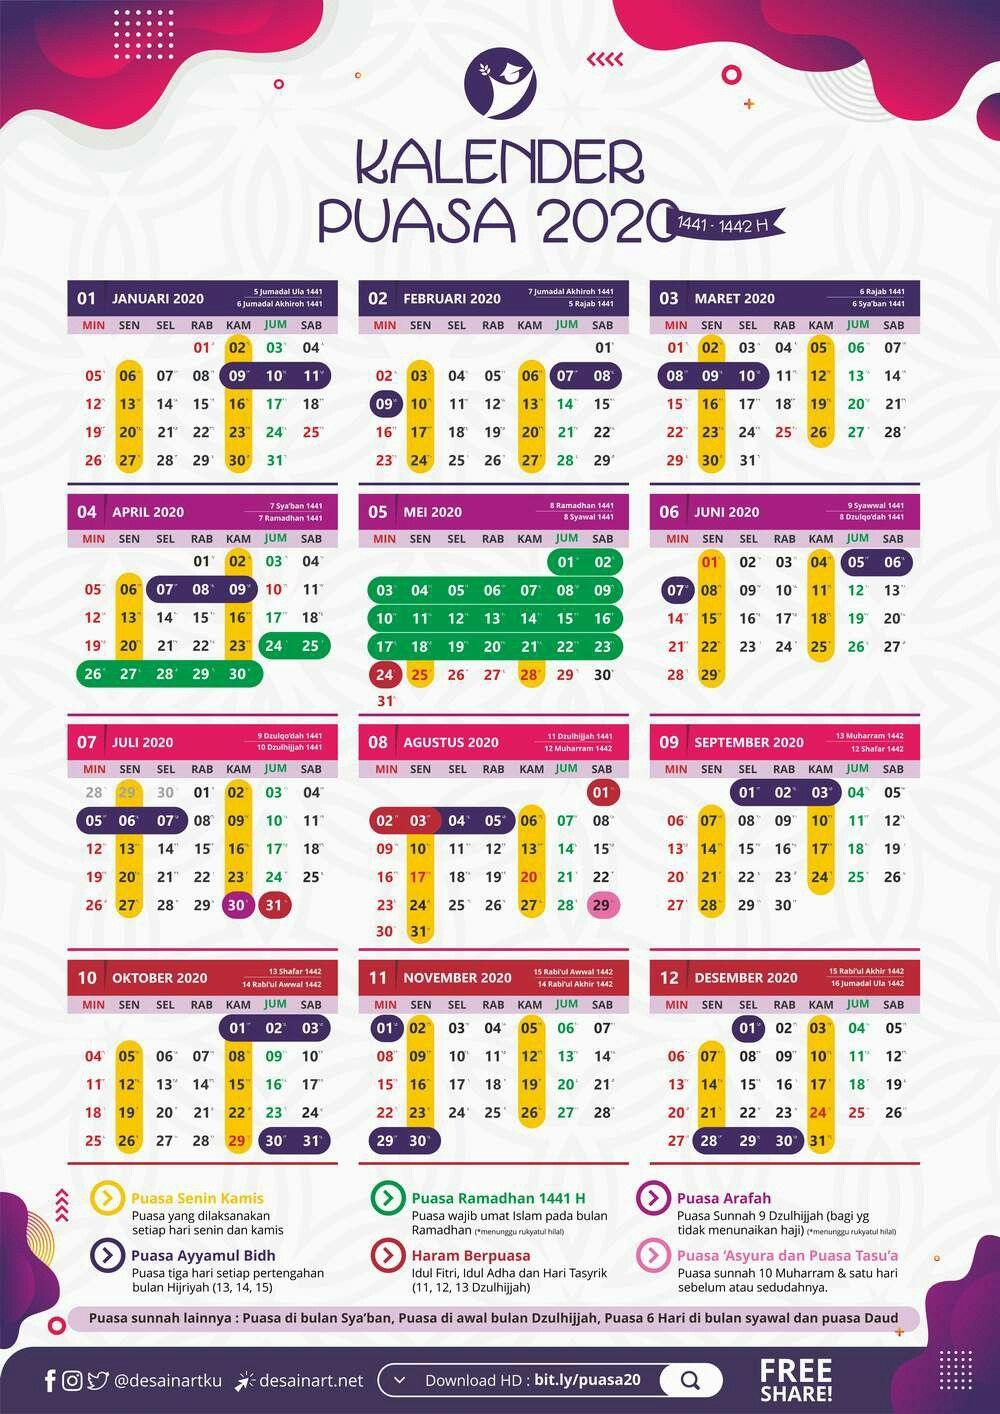 Kalender Puasa Sunah 2021 Pdf - Baca Baca